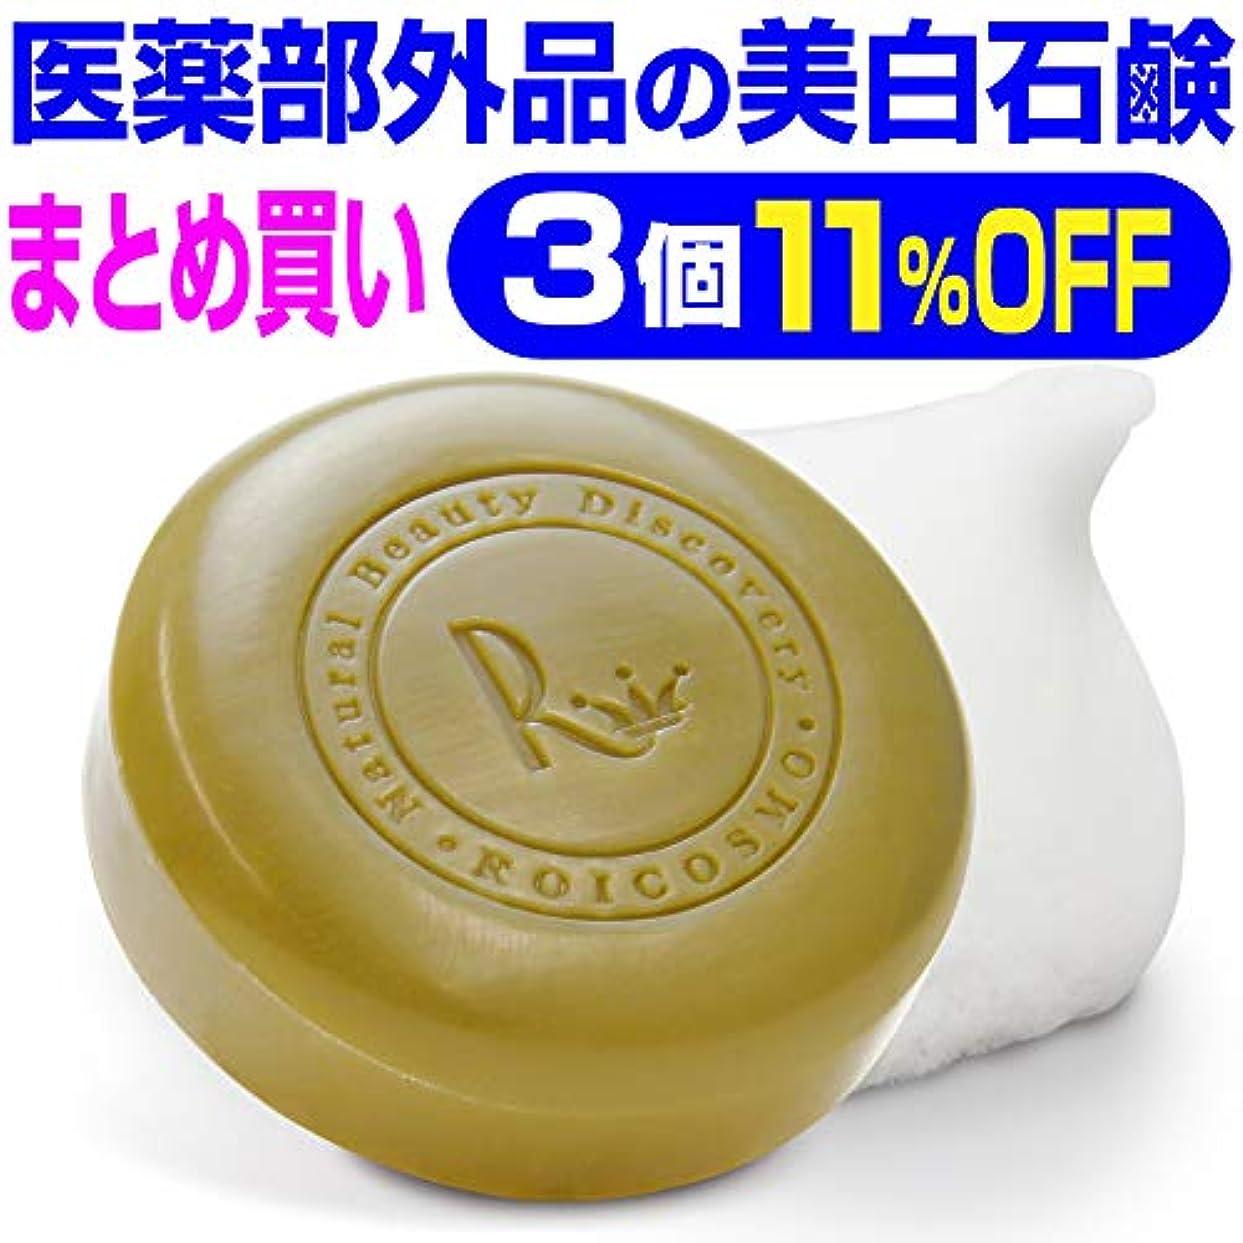 軽減するの慈悲で勤勉な3個まとめ買い11%OFF 美白石鹸/ビタミンC270倍の美白成分配合の 洗顔石鹸『ホワイトソープ100g×3個』